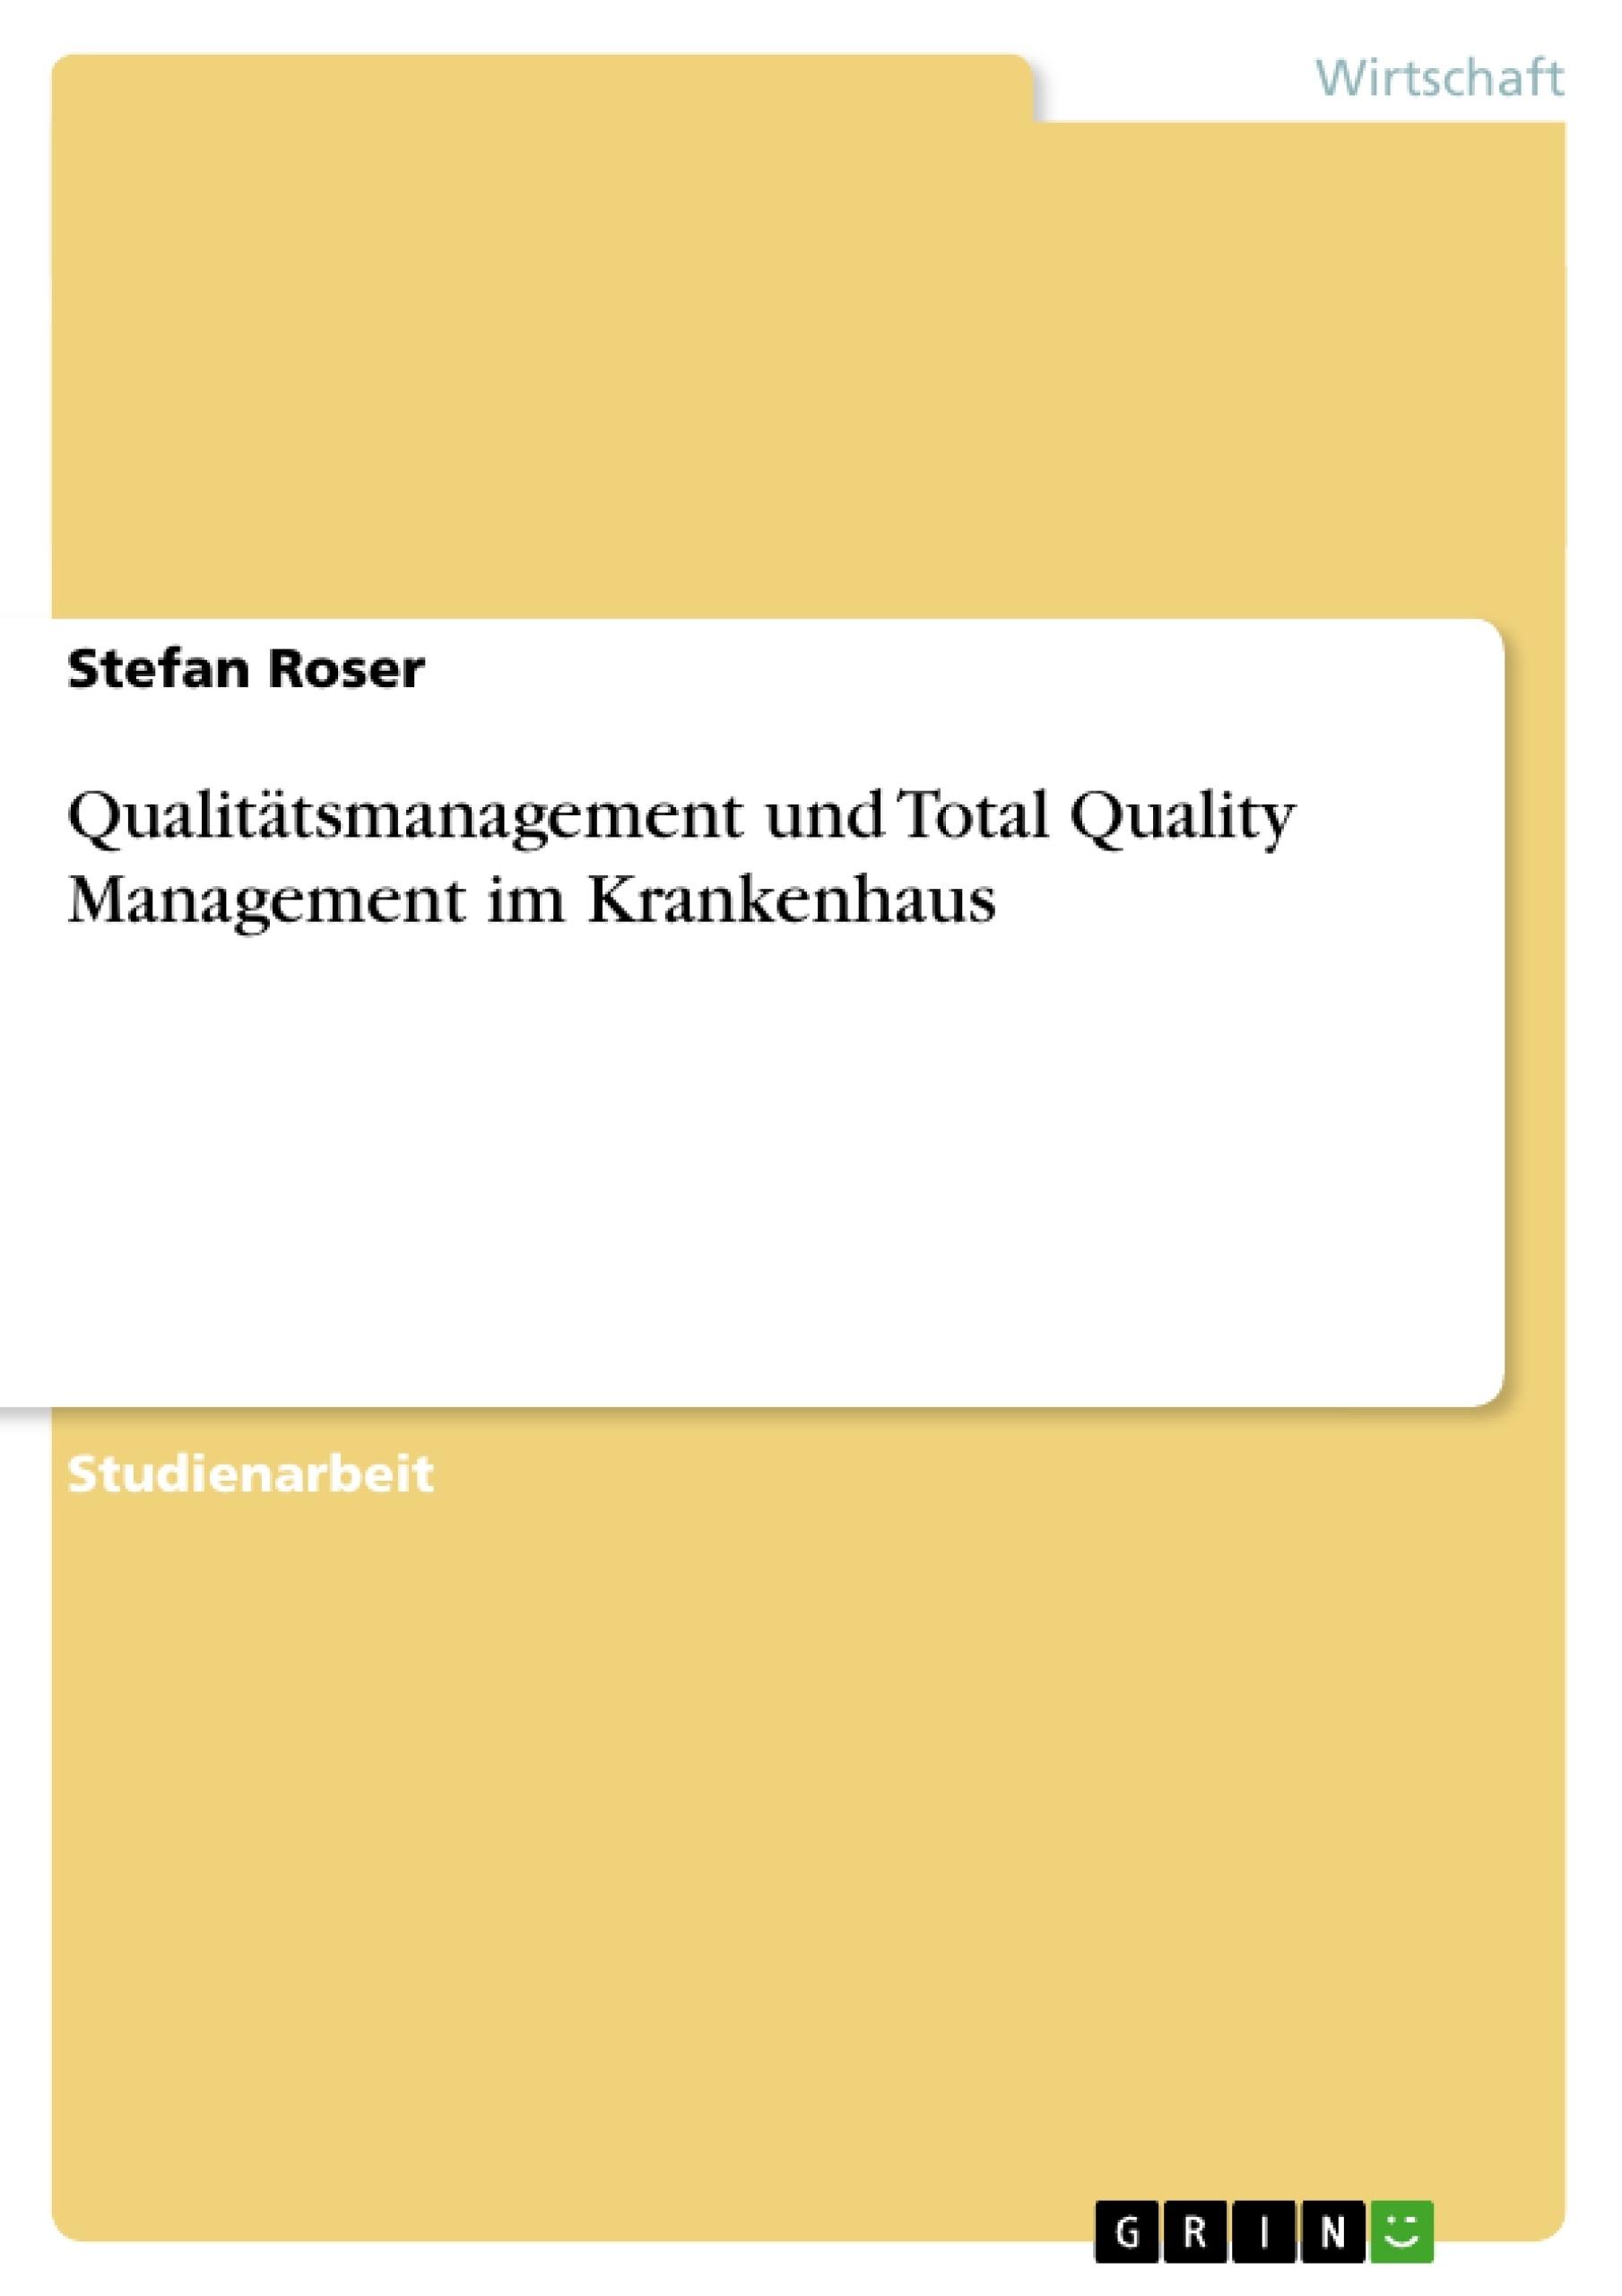 Titel: Qualitätsmanagement und Total Quality Management im Krankenhaus